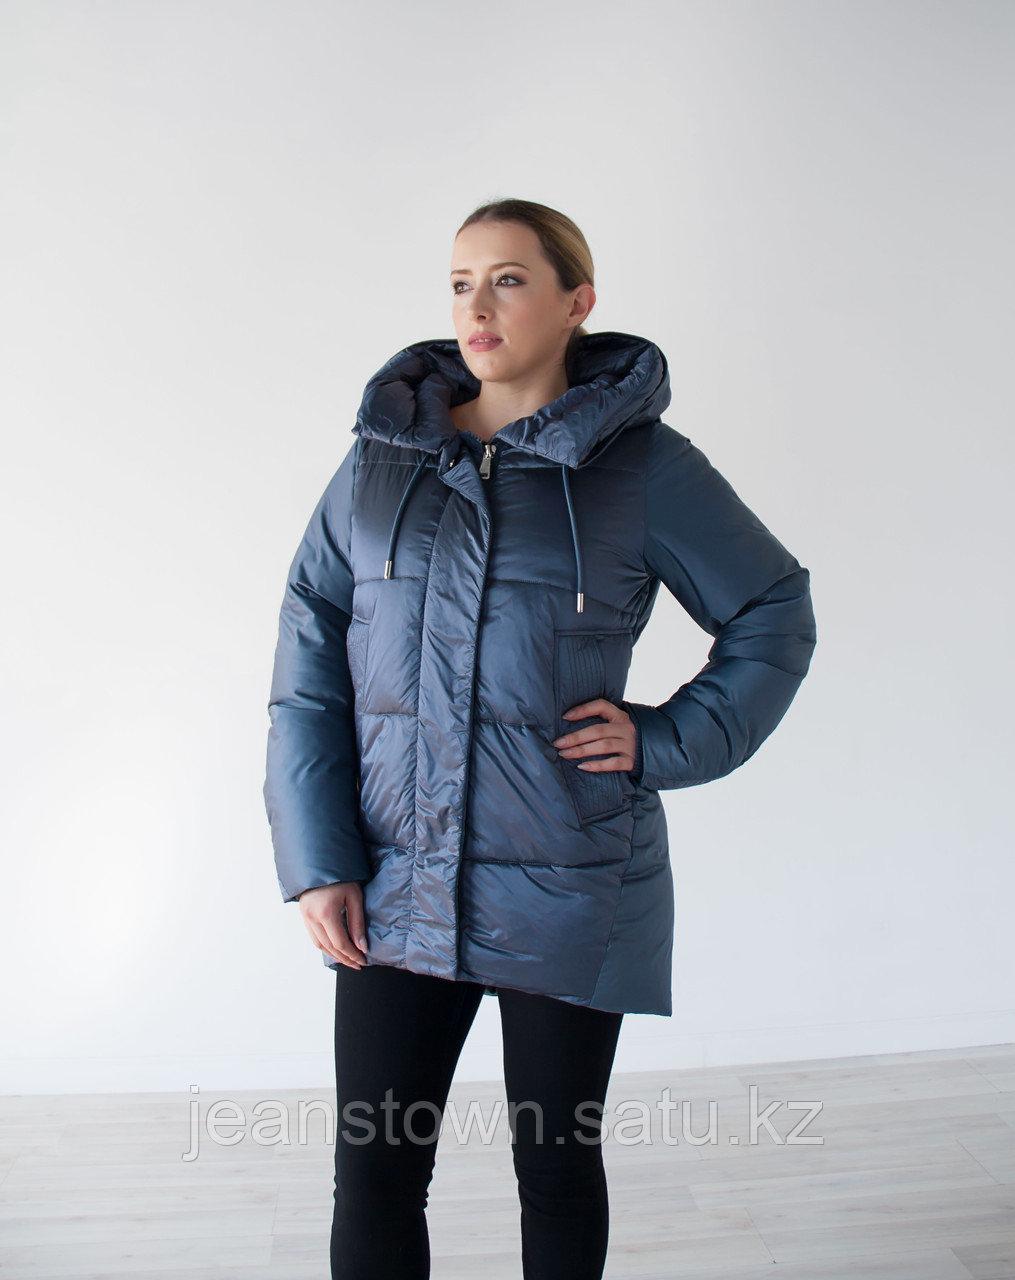 Куртка женская зимняя Evacana сиреневая